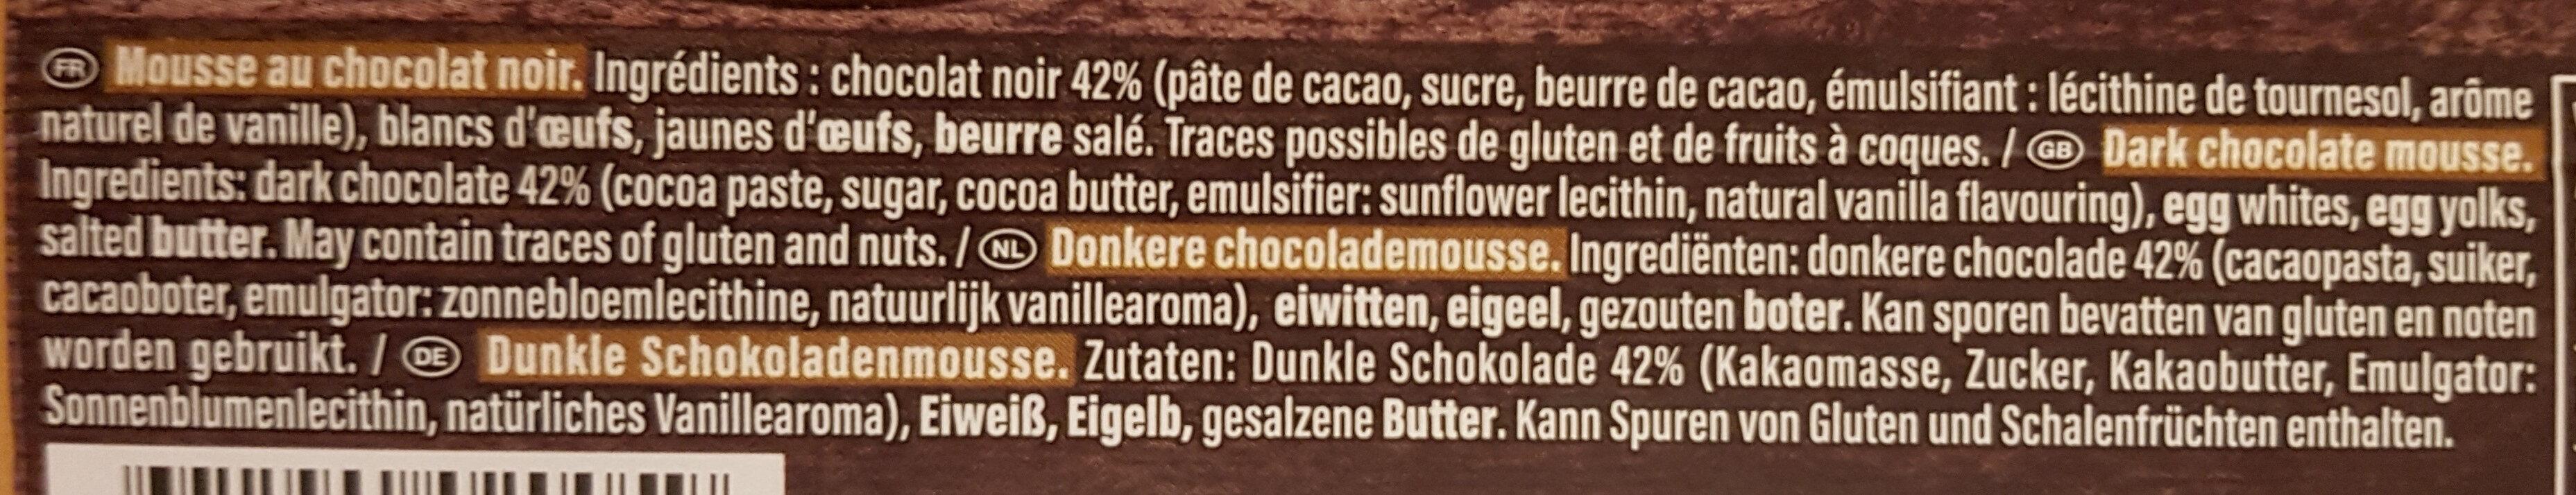 Mousse au Chocolat à l'Ancienne - Ingrédients - fr